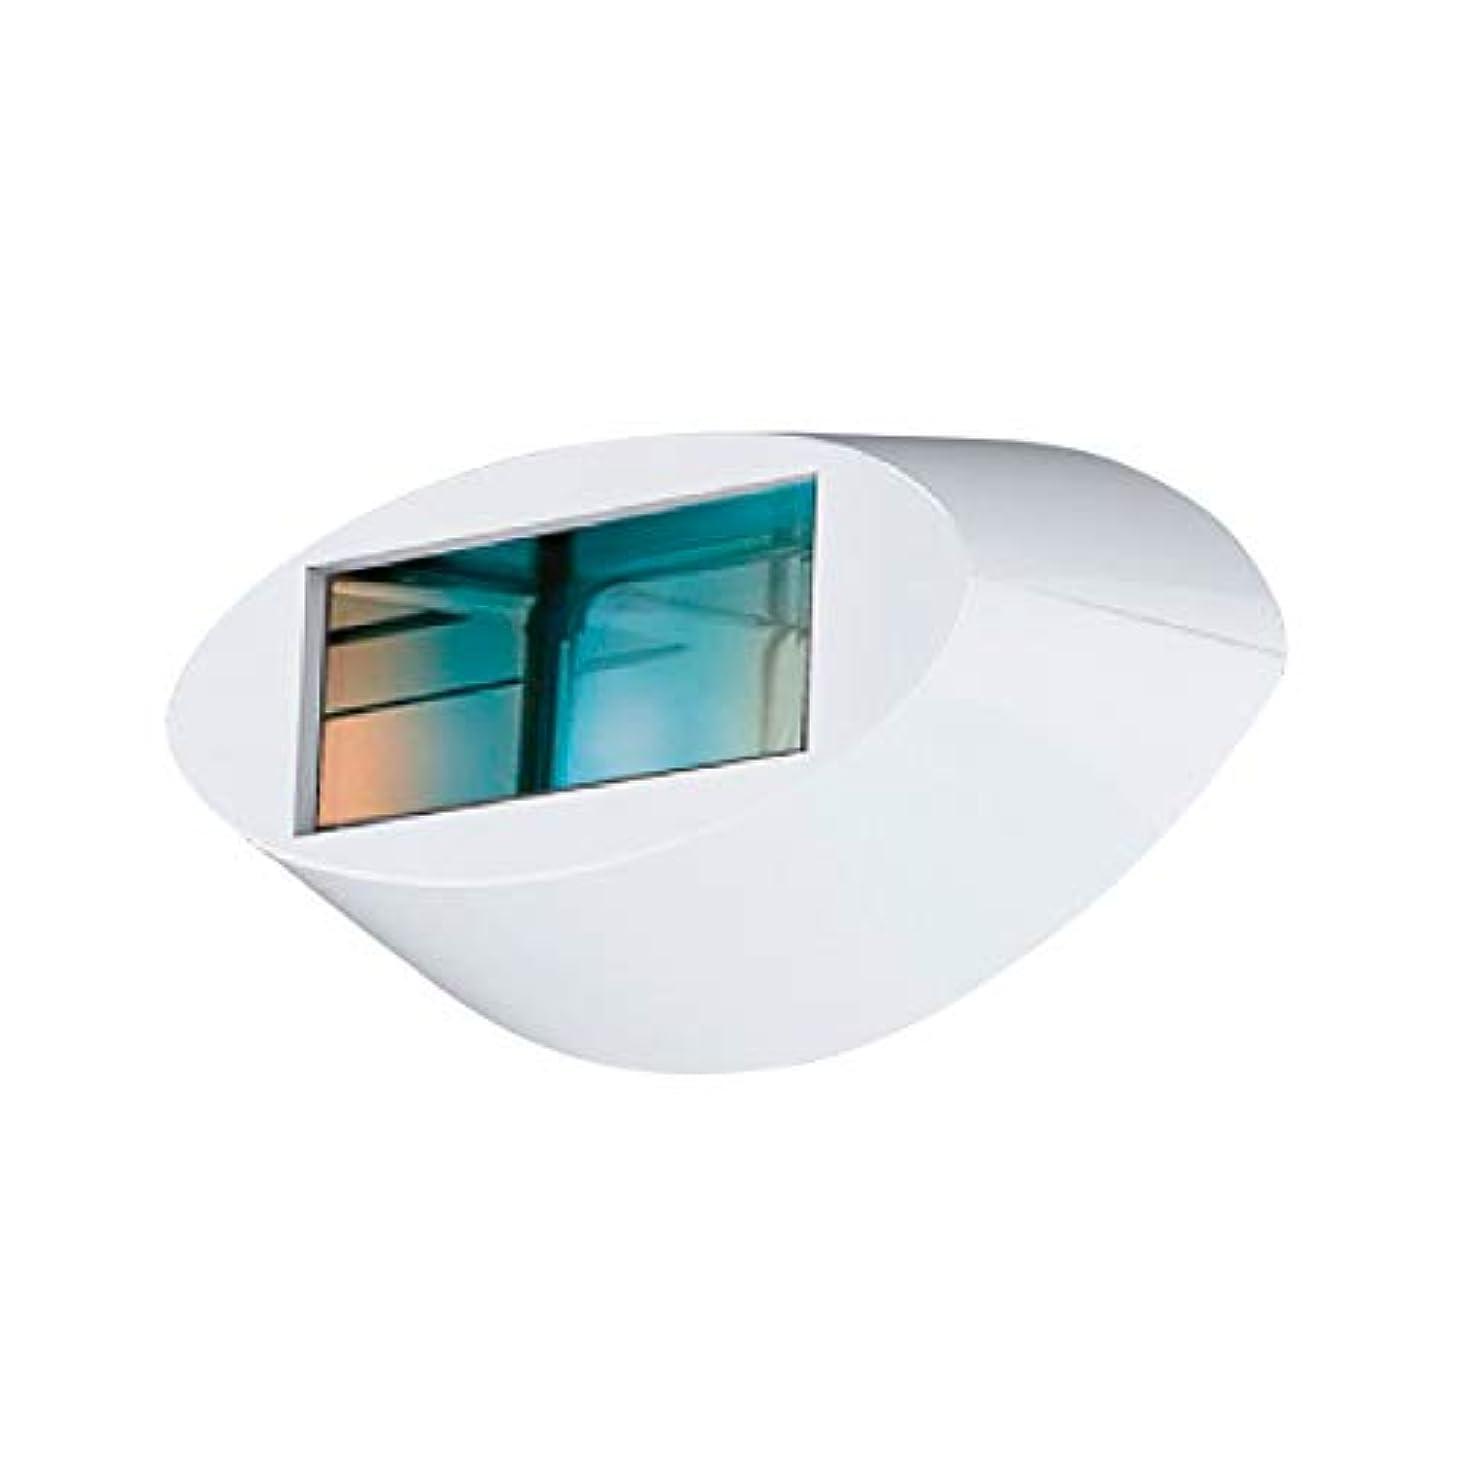 公式見物人増幅器COSBEAUTY IPL光美容器 Perfect Smooth 2万回照射 専用カートリッジ